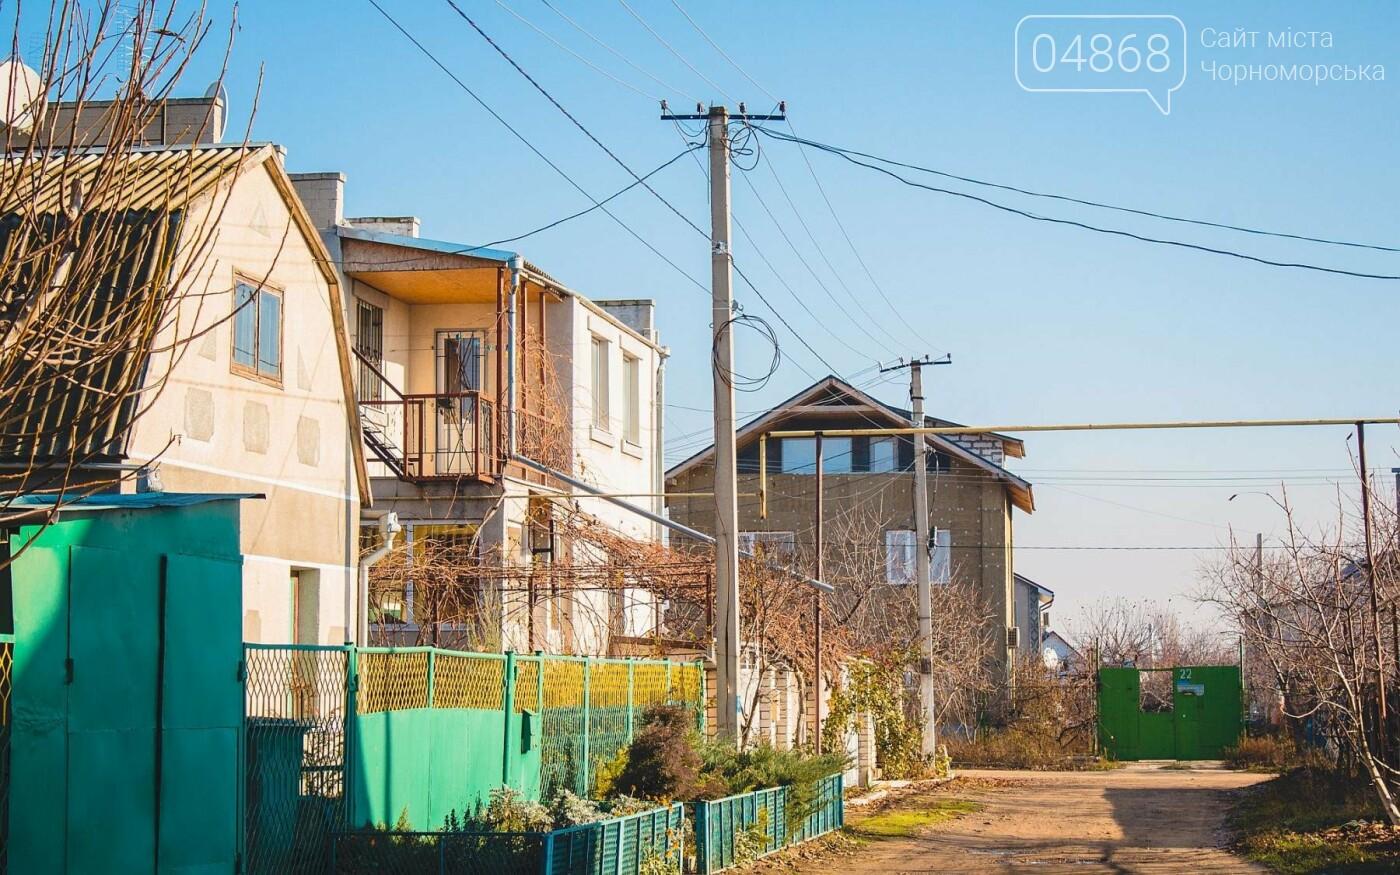 Специалисты «Илкомсвита» обслуживают свыше 5000 светильников в Черноморске, фото-7